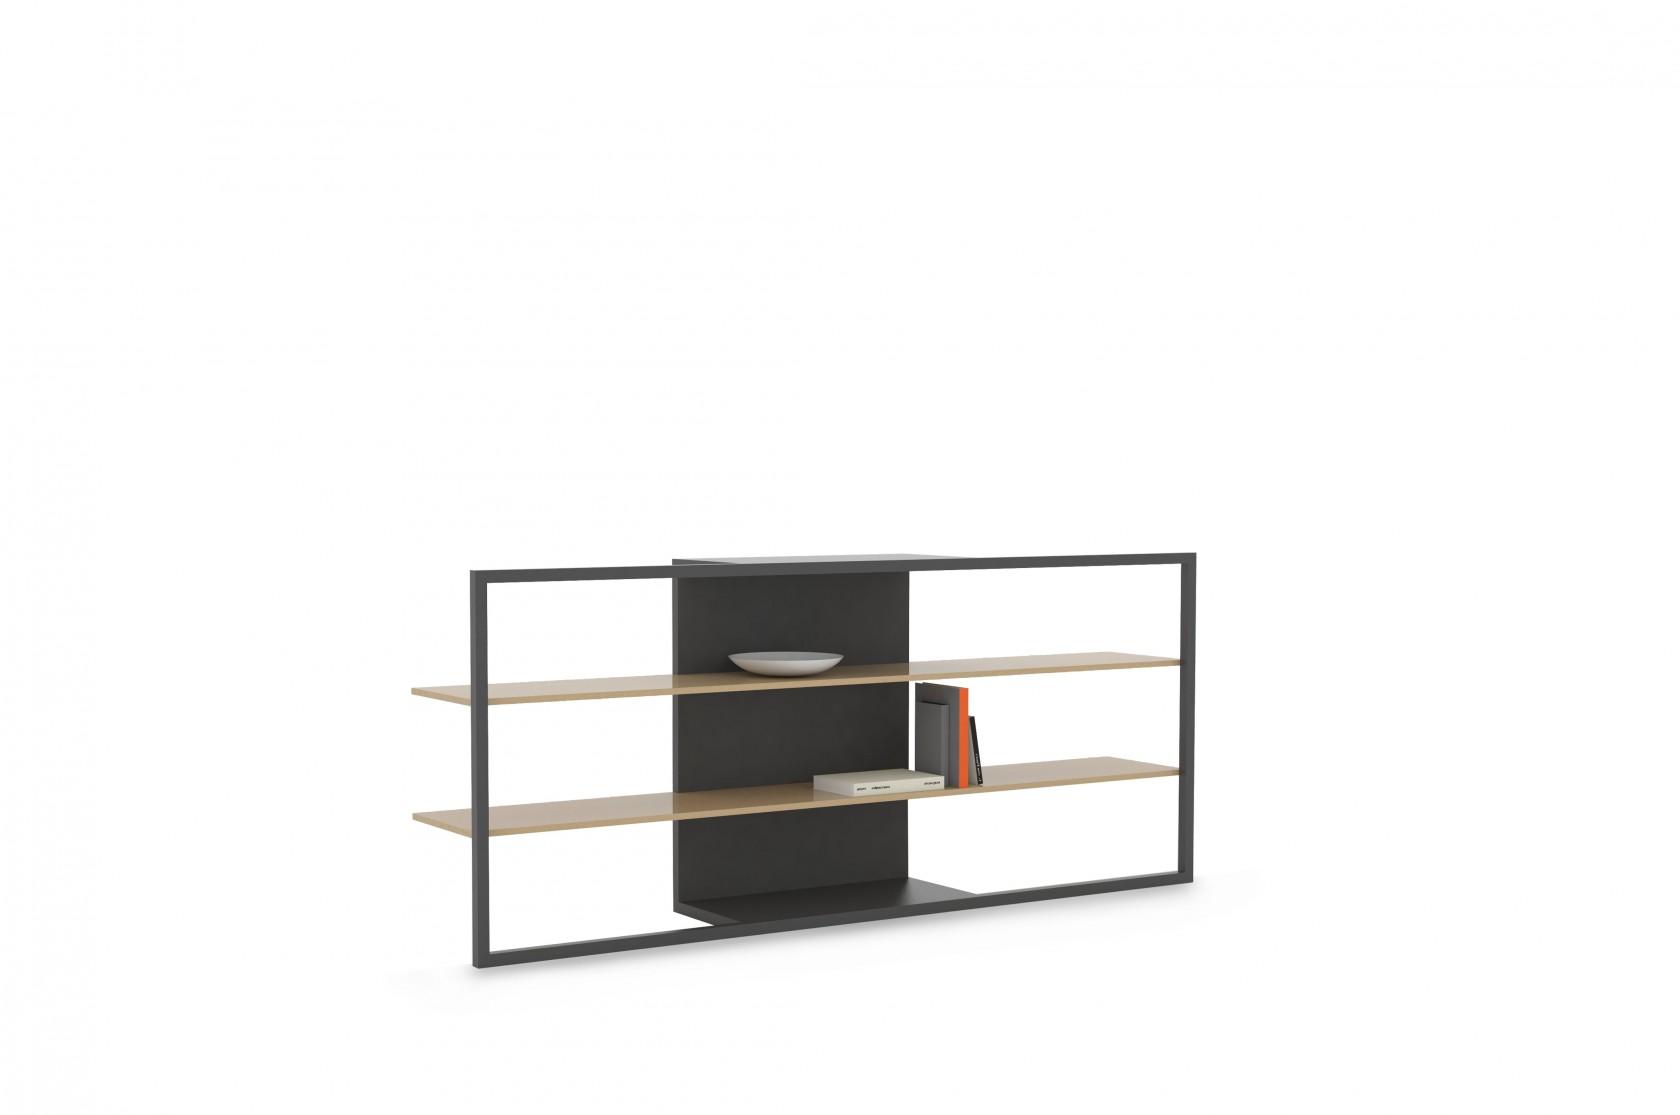 biblioth ques filigramme ludovic avenel b niste. Black Bedroom Furniture Sets. Home Design Ideas